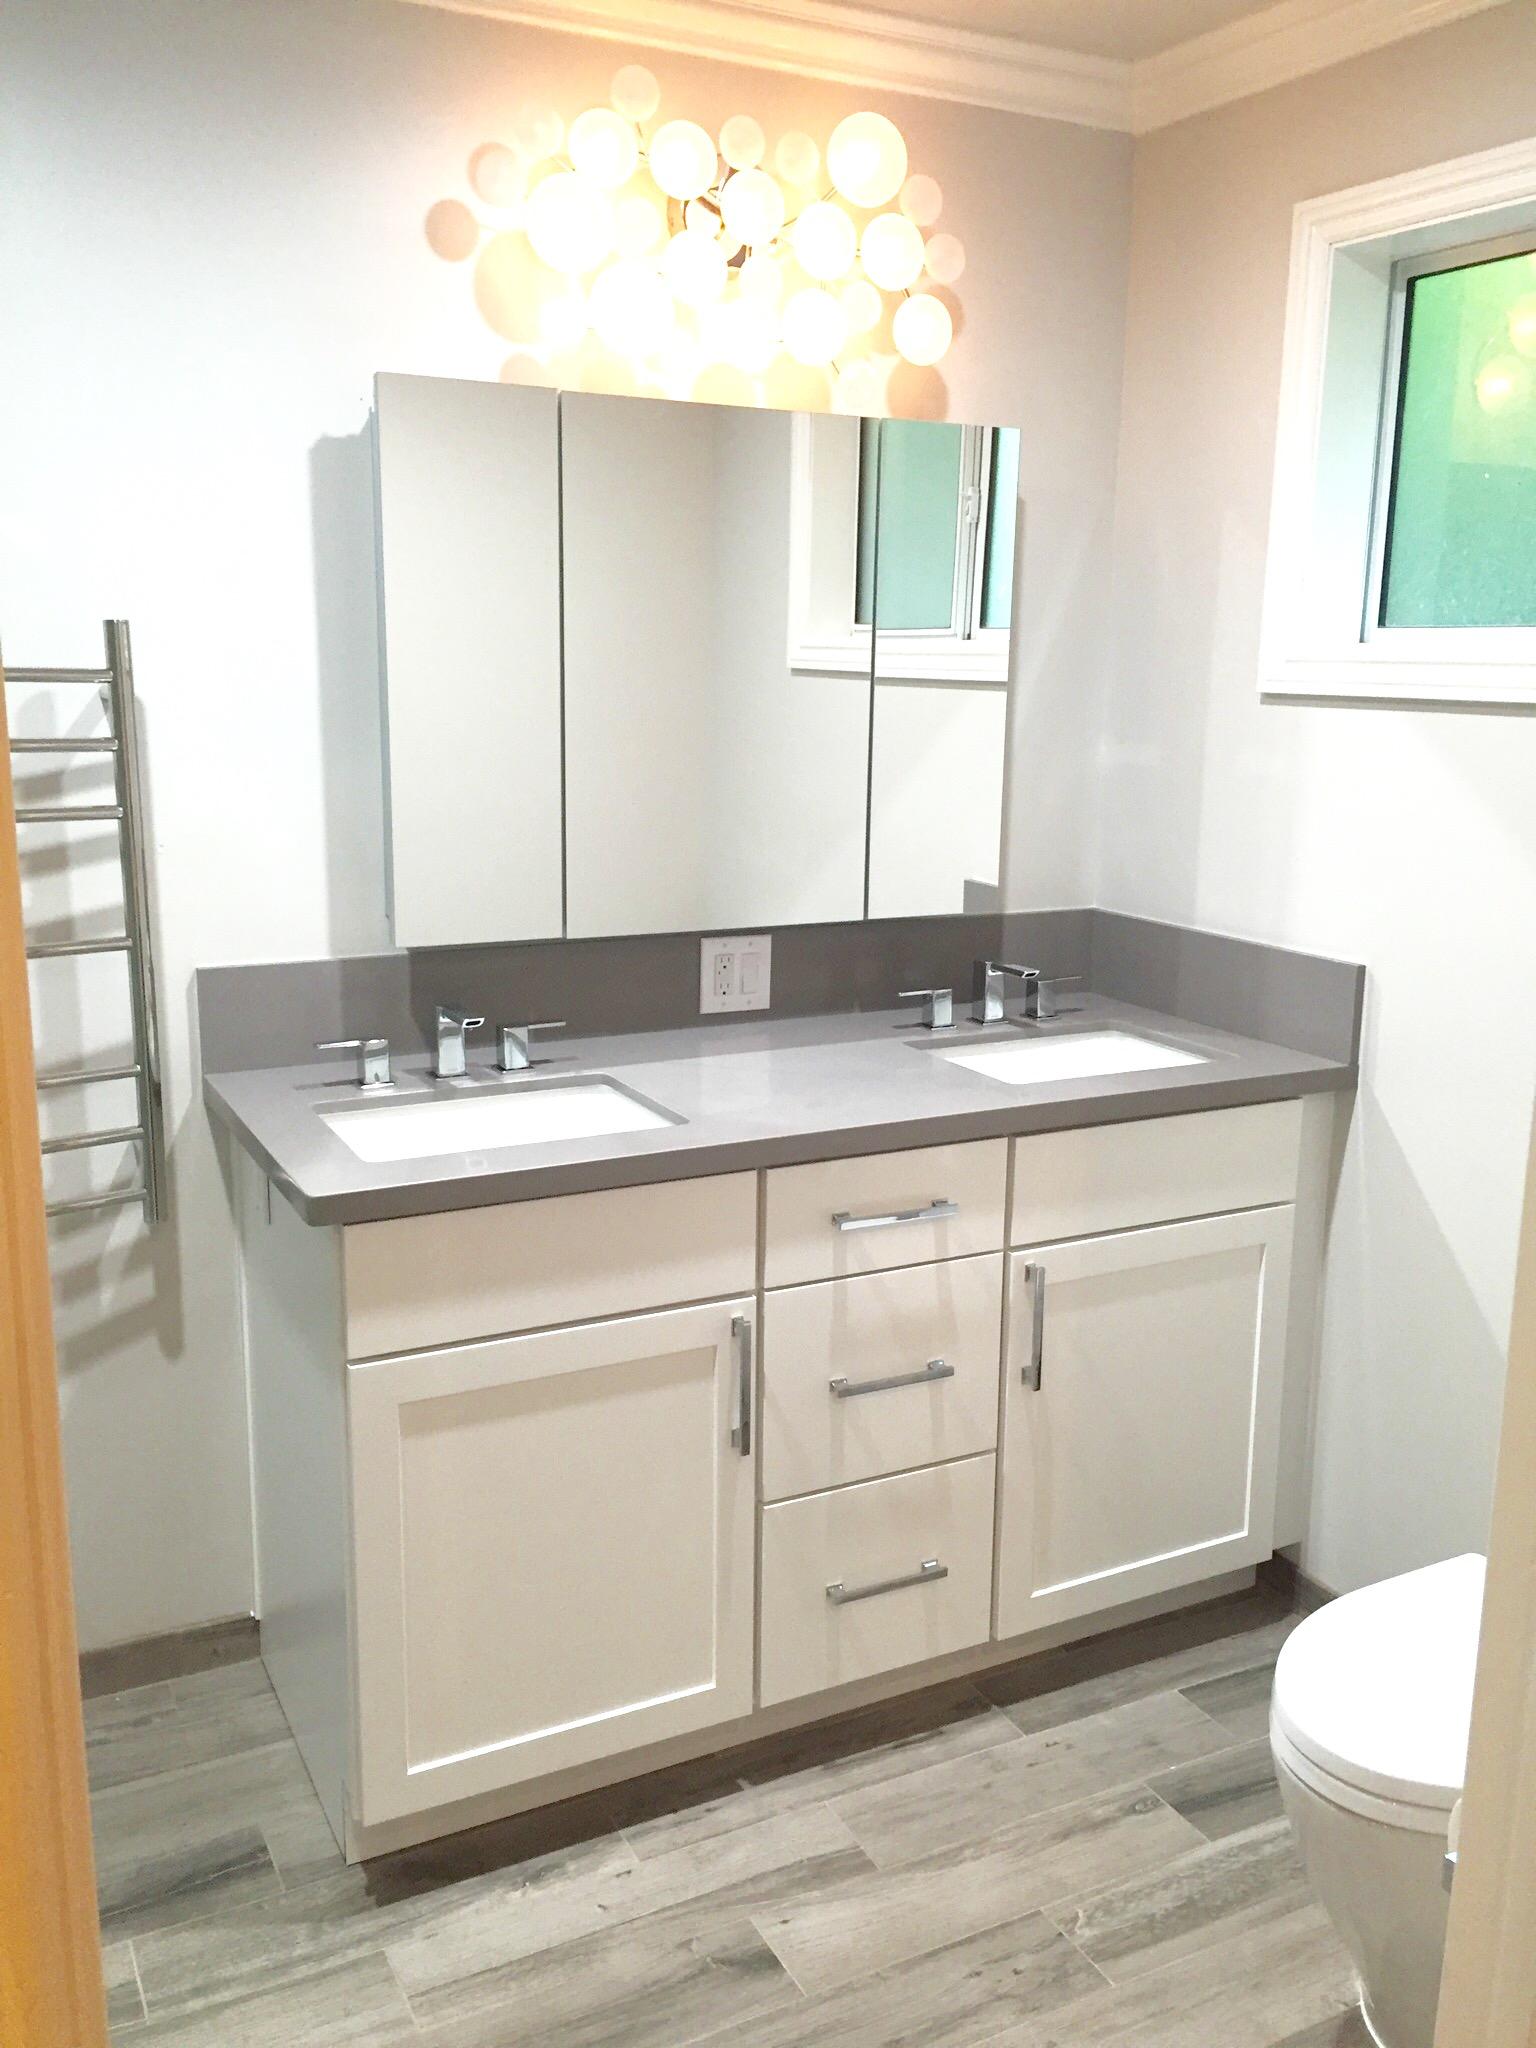 Bathroom Design & Remodeling Project 5   OTM